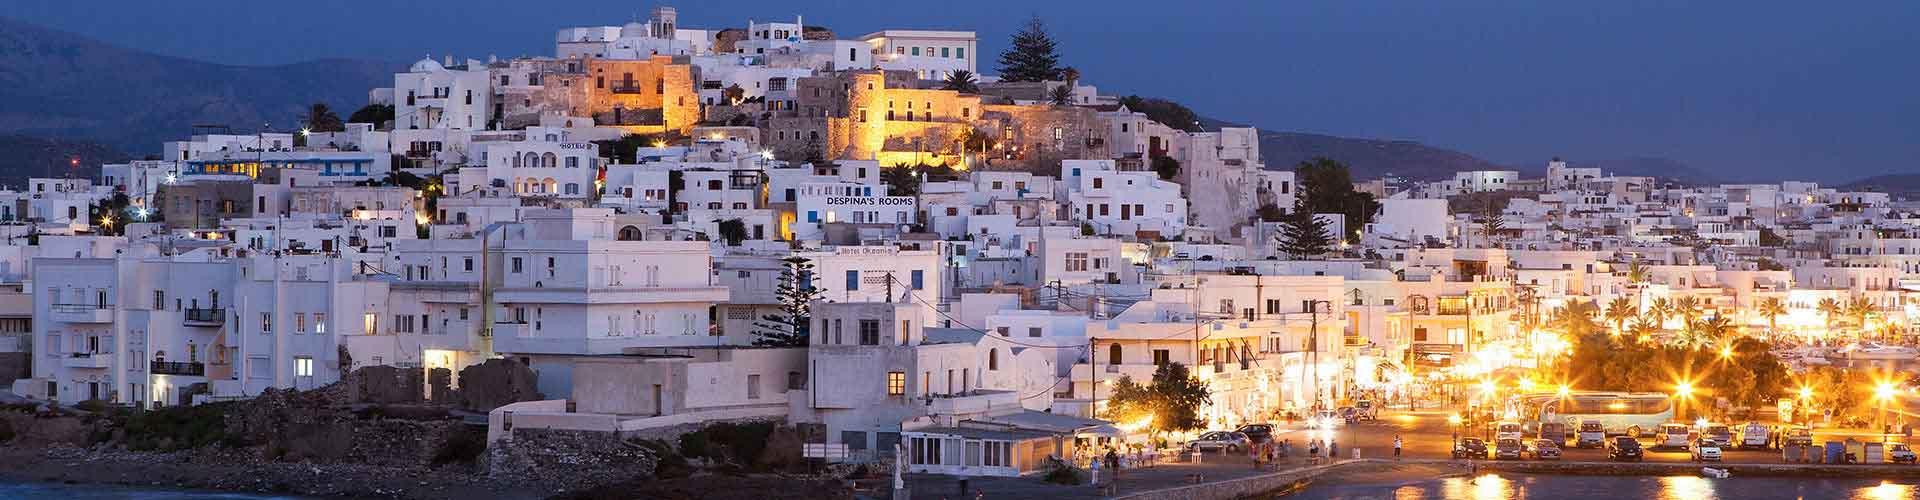 Naxos – Apartamentos em Naxos. Mapas para Naxos, Fotos e Avaliações para cada Apartamento em Naxos.